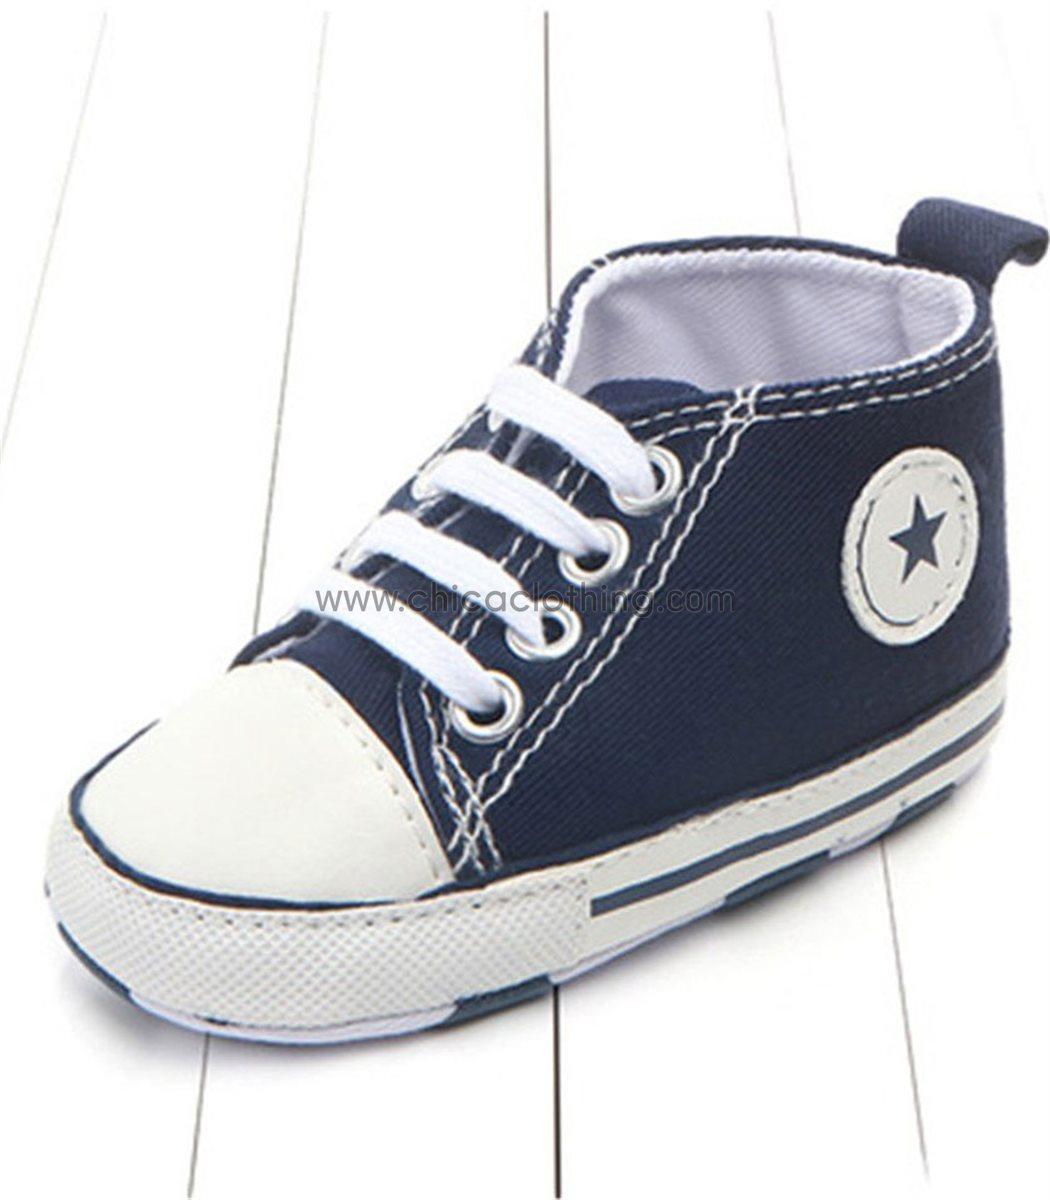 Βρεφικά παπούτσια αγκαλιάς